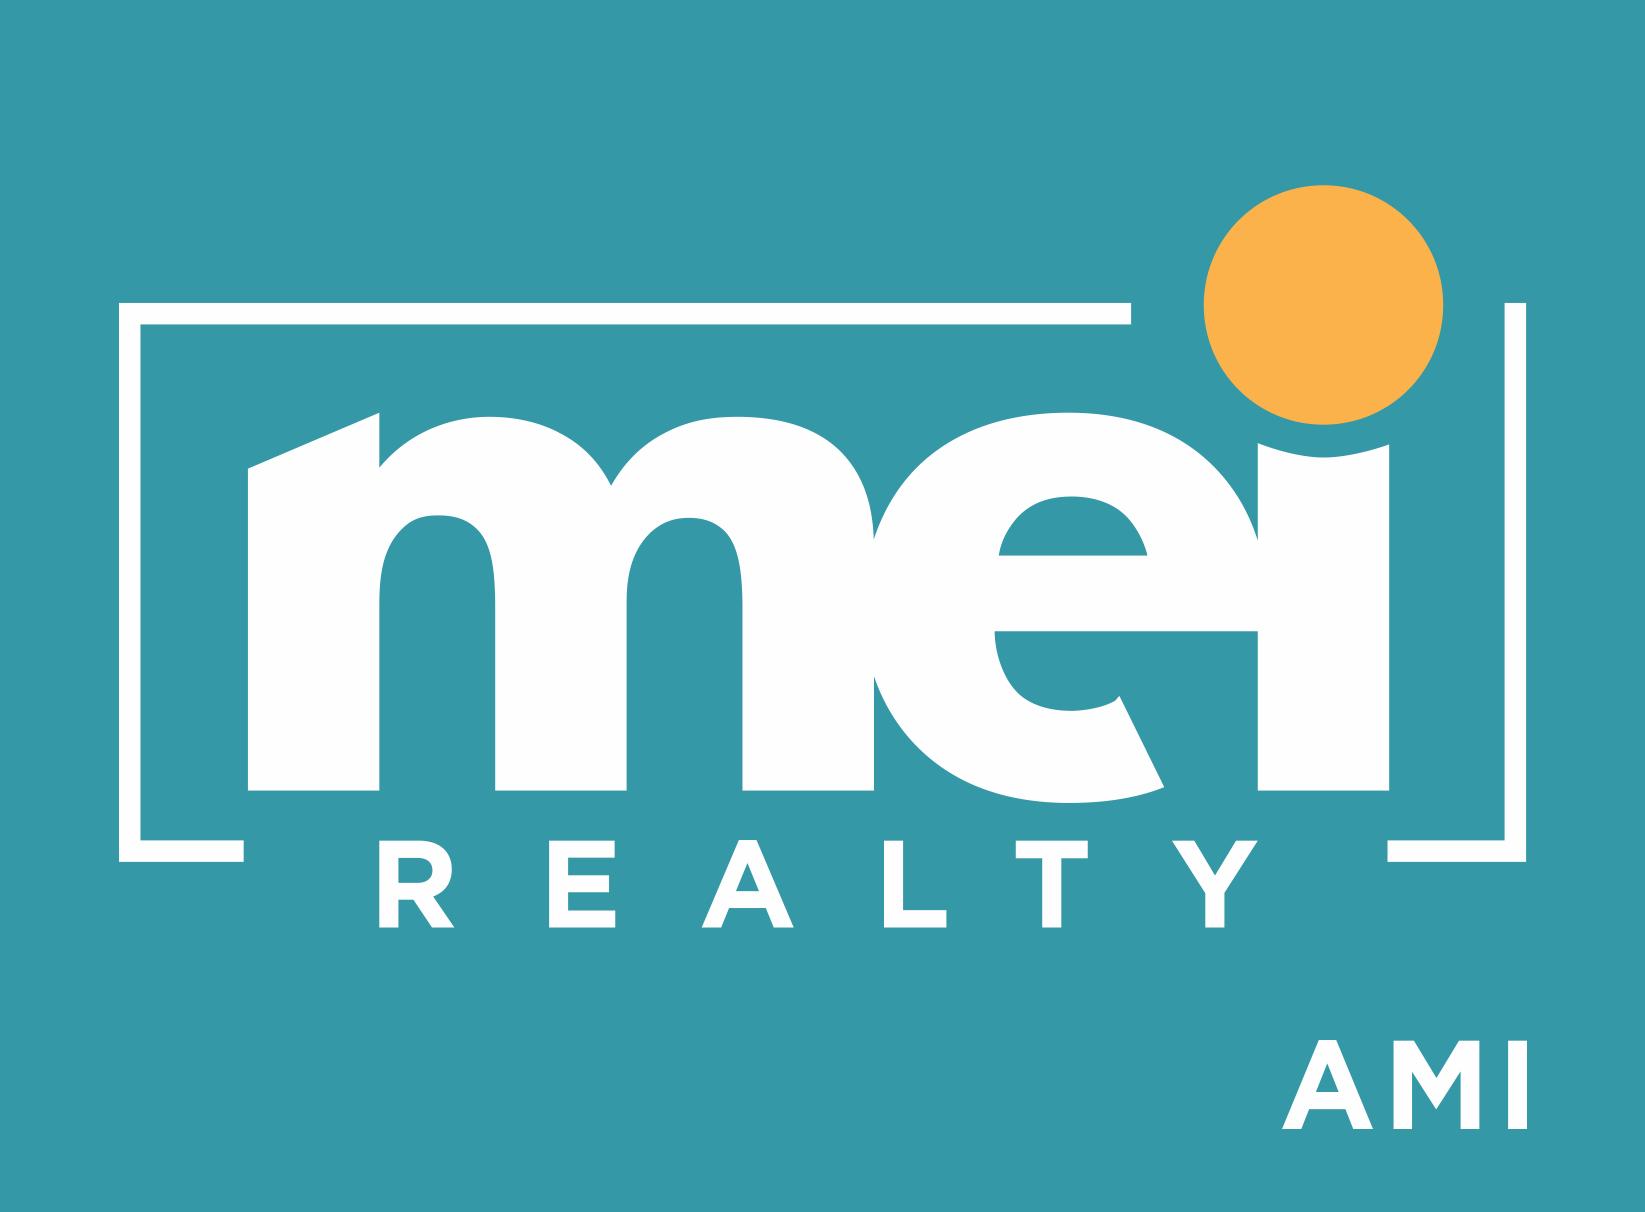 Mei realty Ami